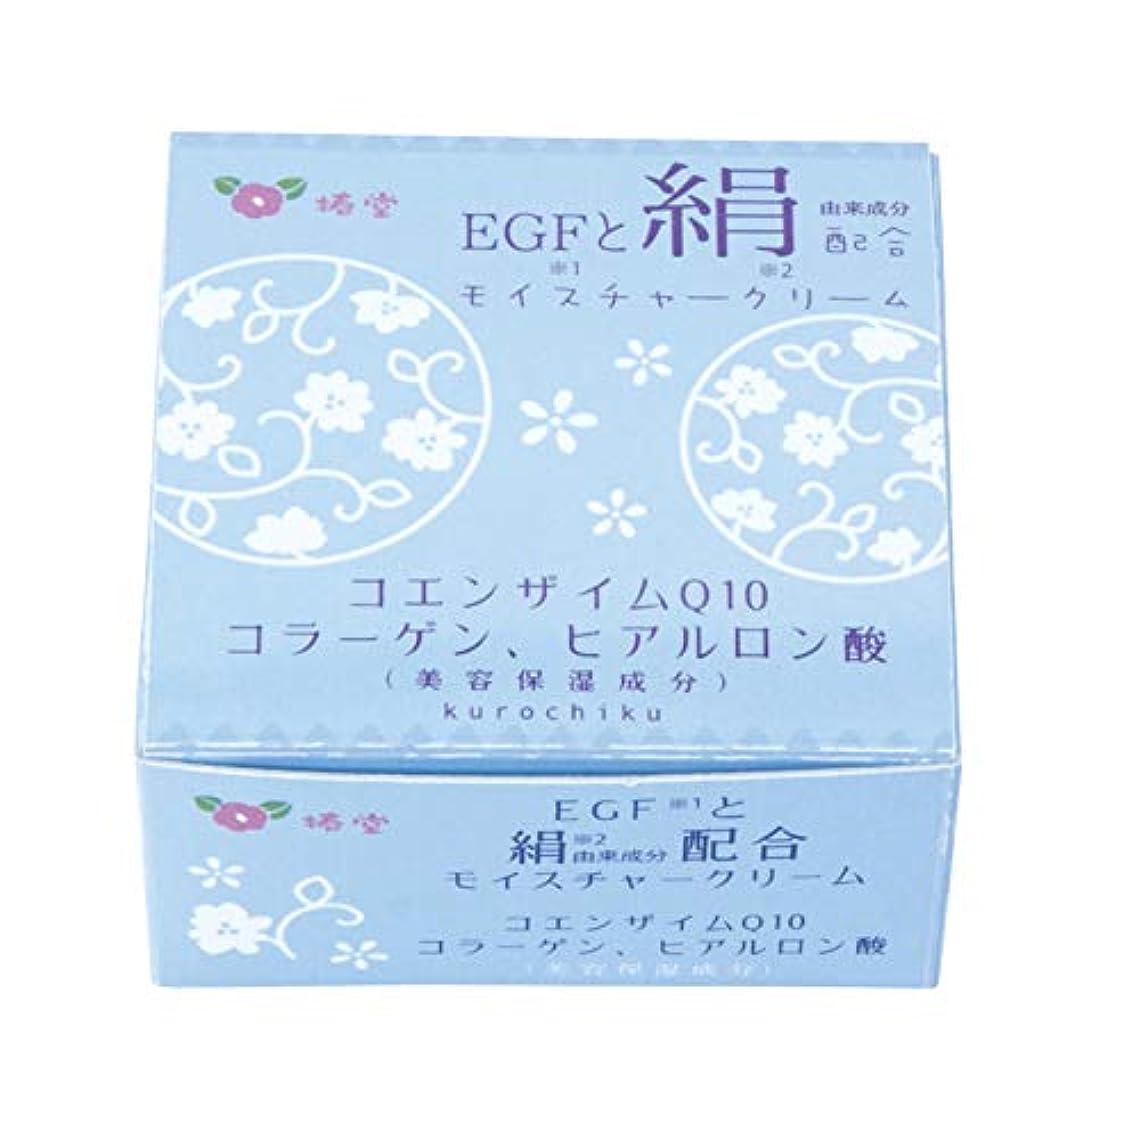 ディレイ毎日微弱椿堂 絹モイスチャークリーム (FGFと絹) 京都くろちく